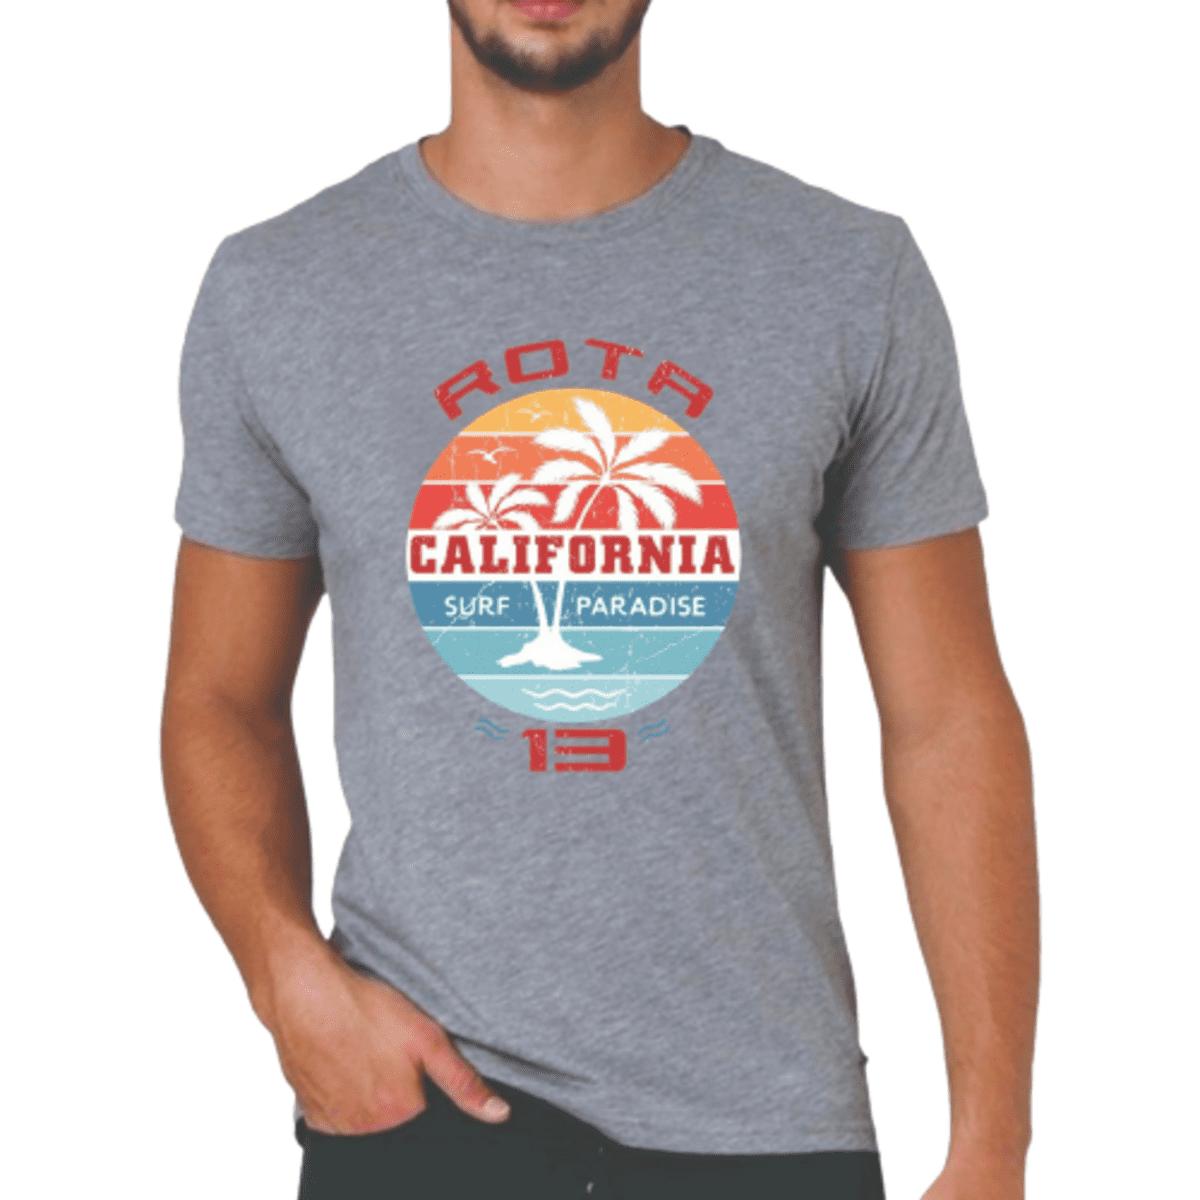 Kit 10 Camiseta Camisa Blusa Masculina Estampada Top Atacado